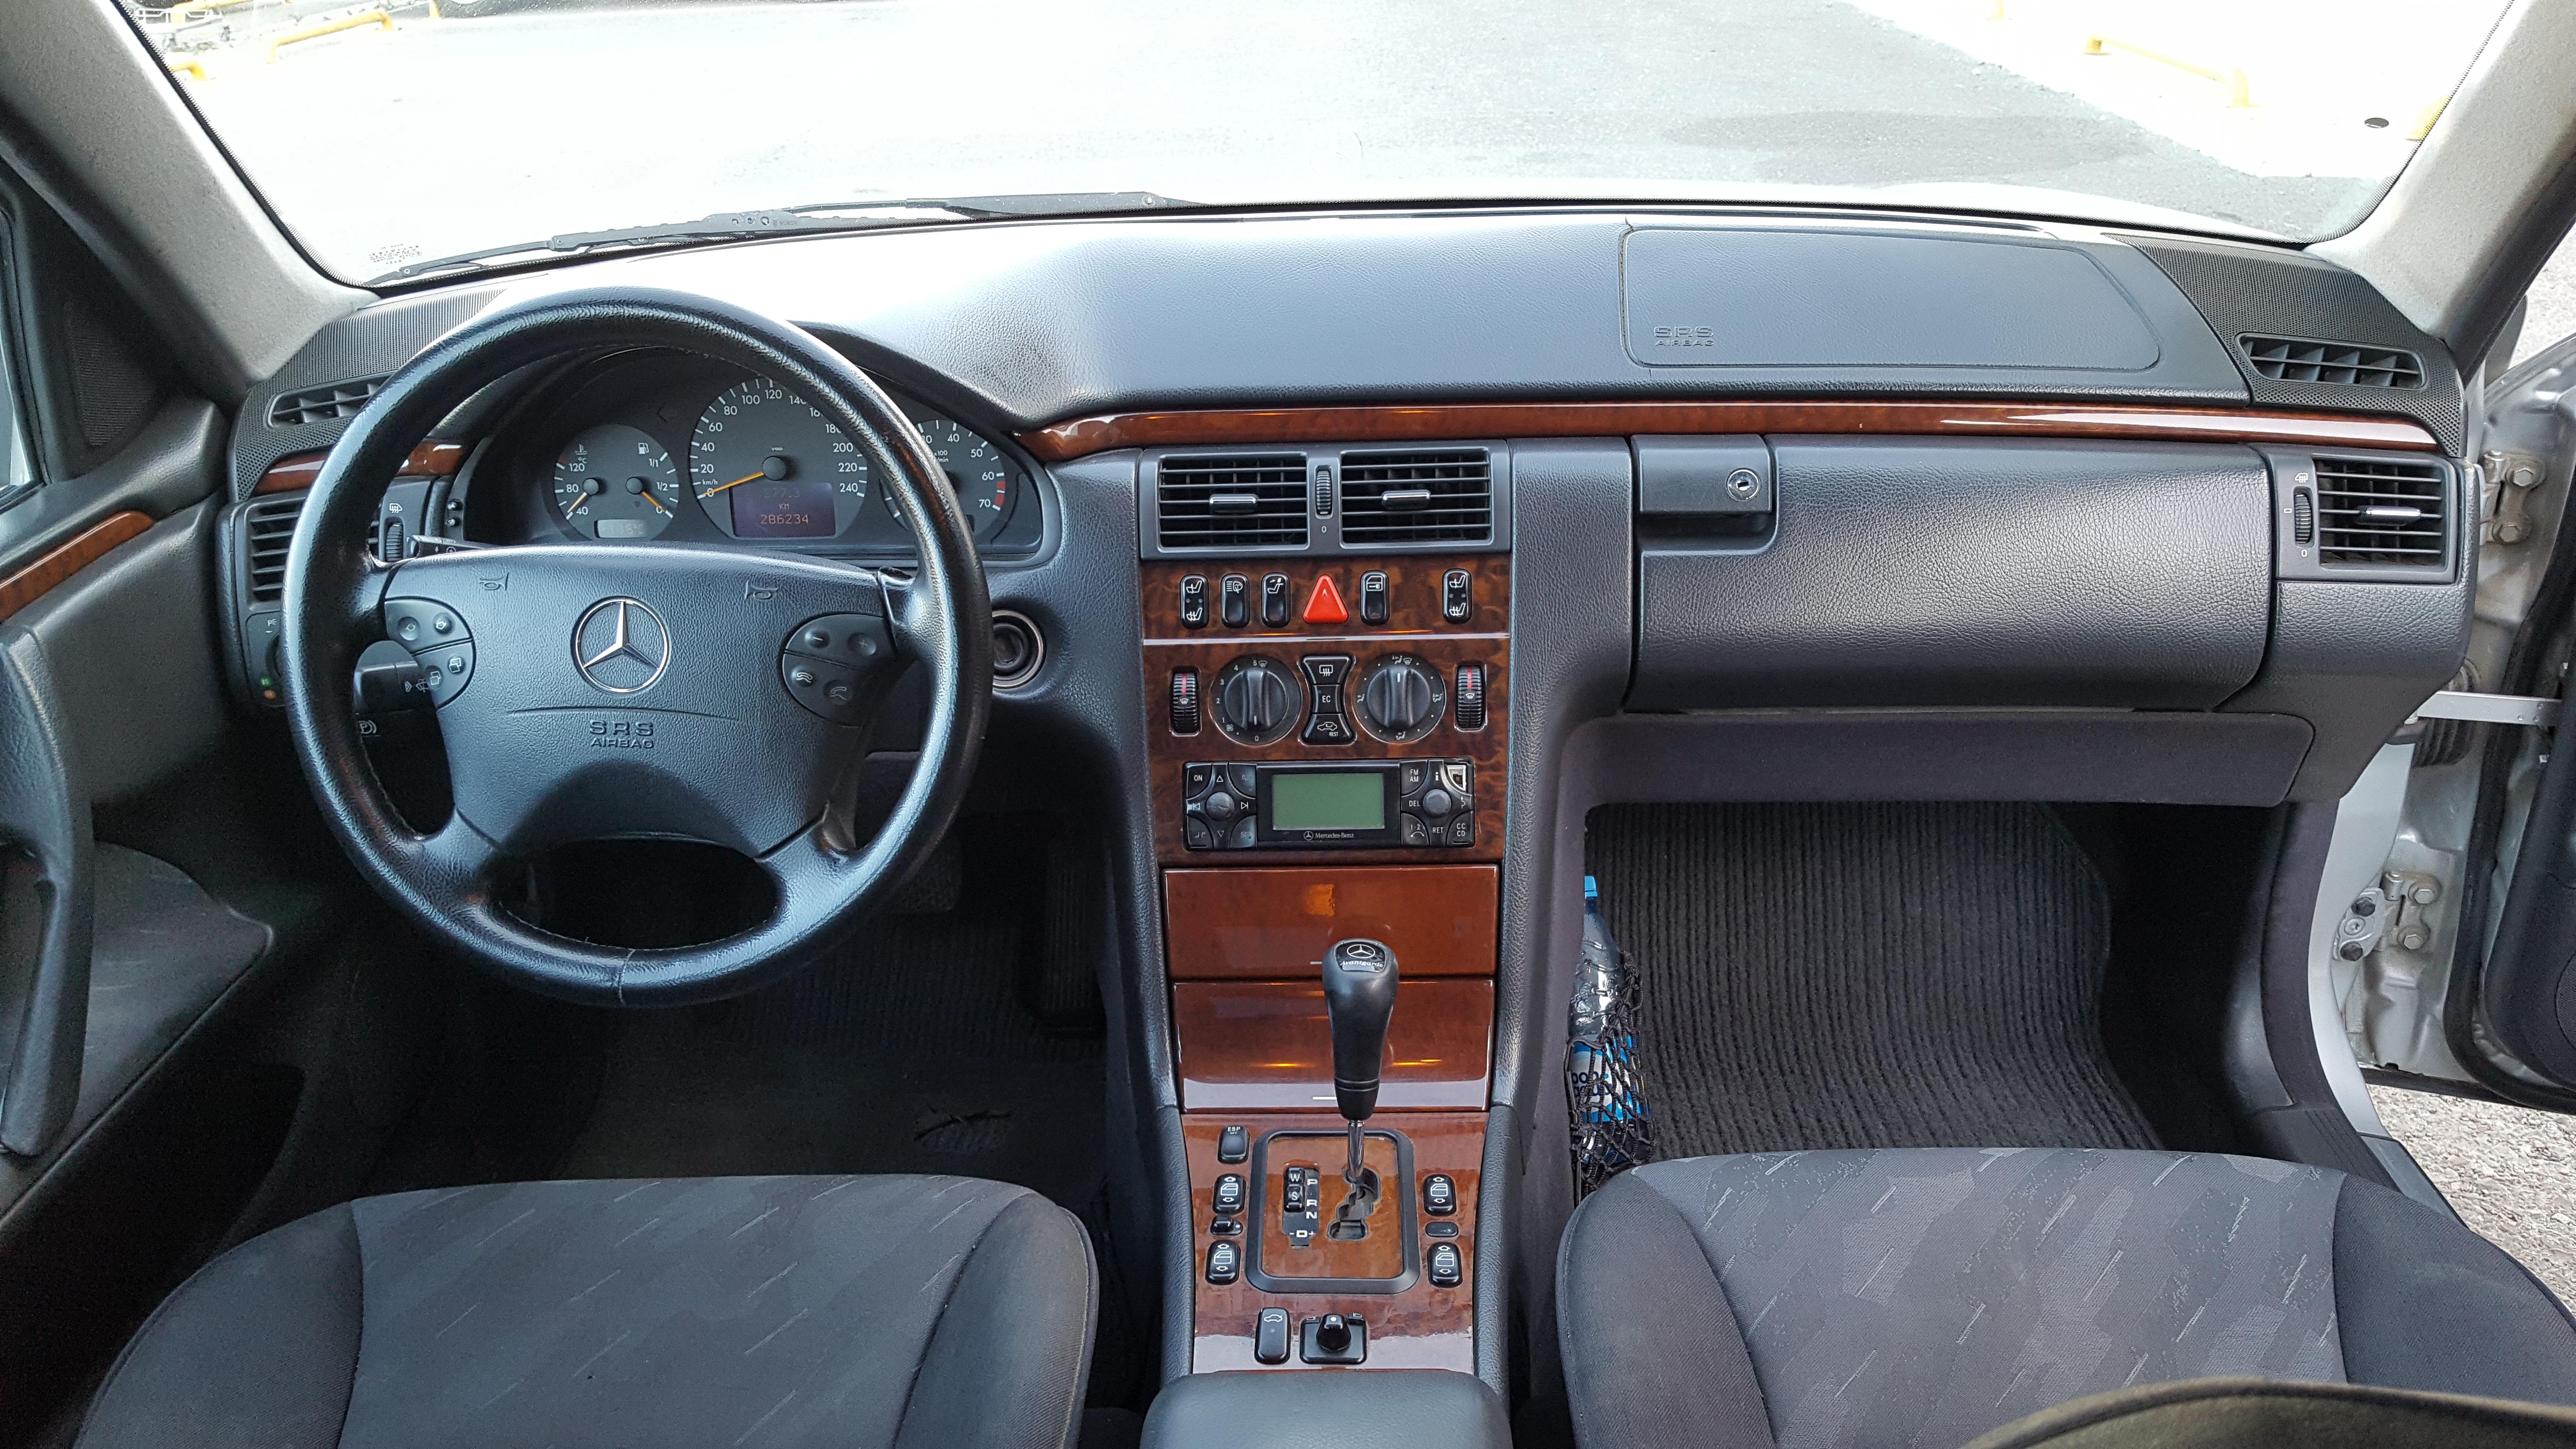 Mercedes-Benz E 240 2.4(lt) 2000 Second hand  $8250